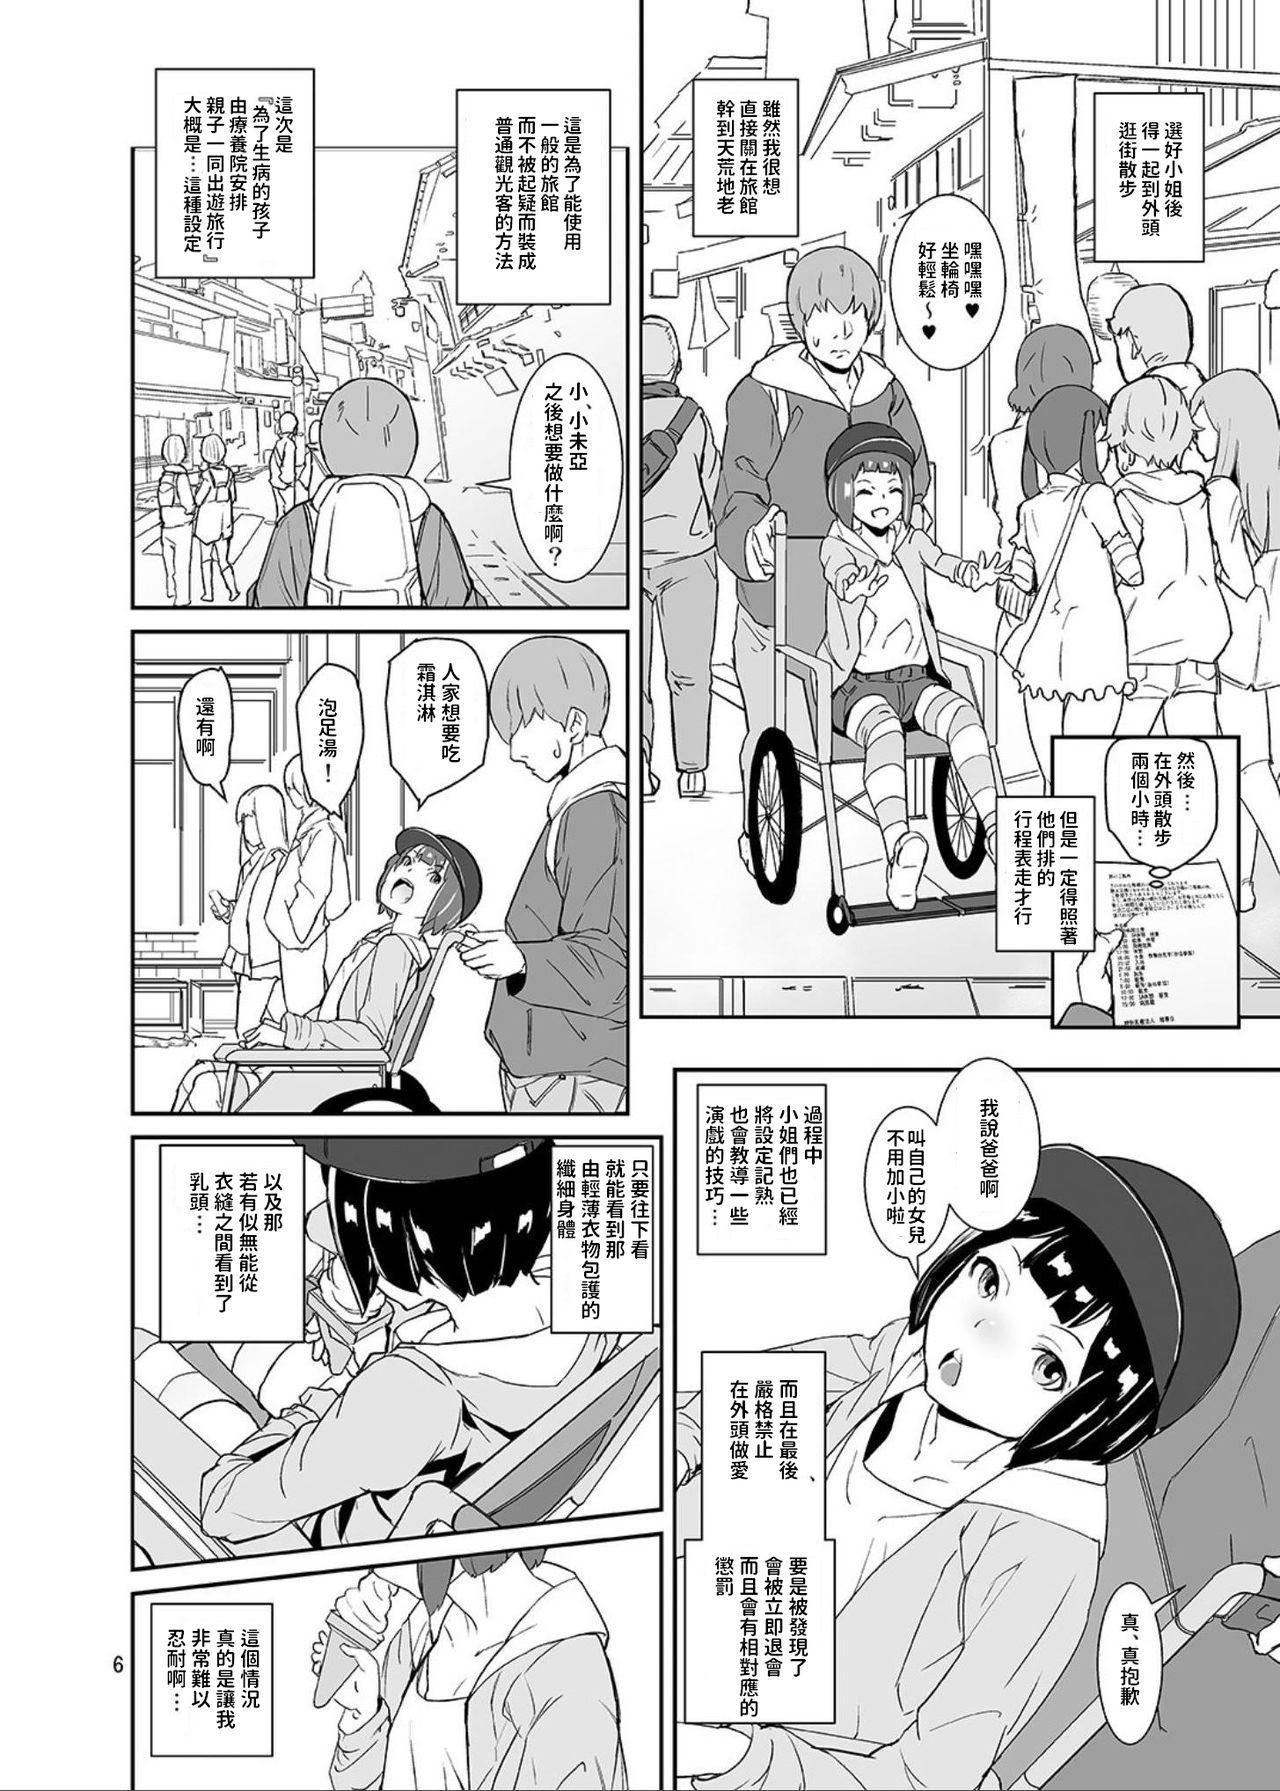 Himitsu no Otomarikai 4